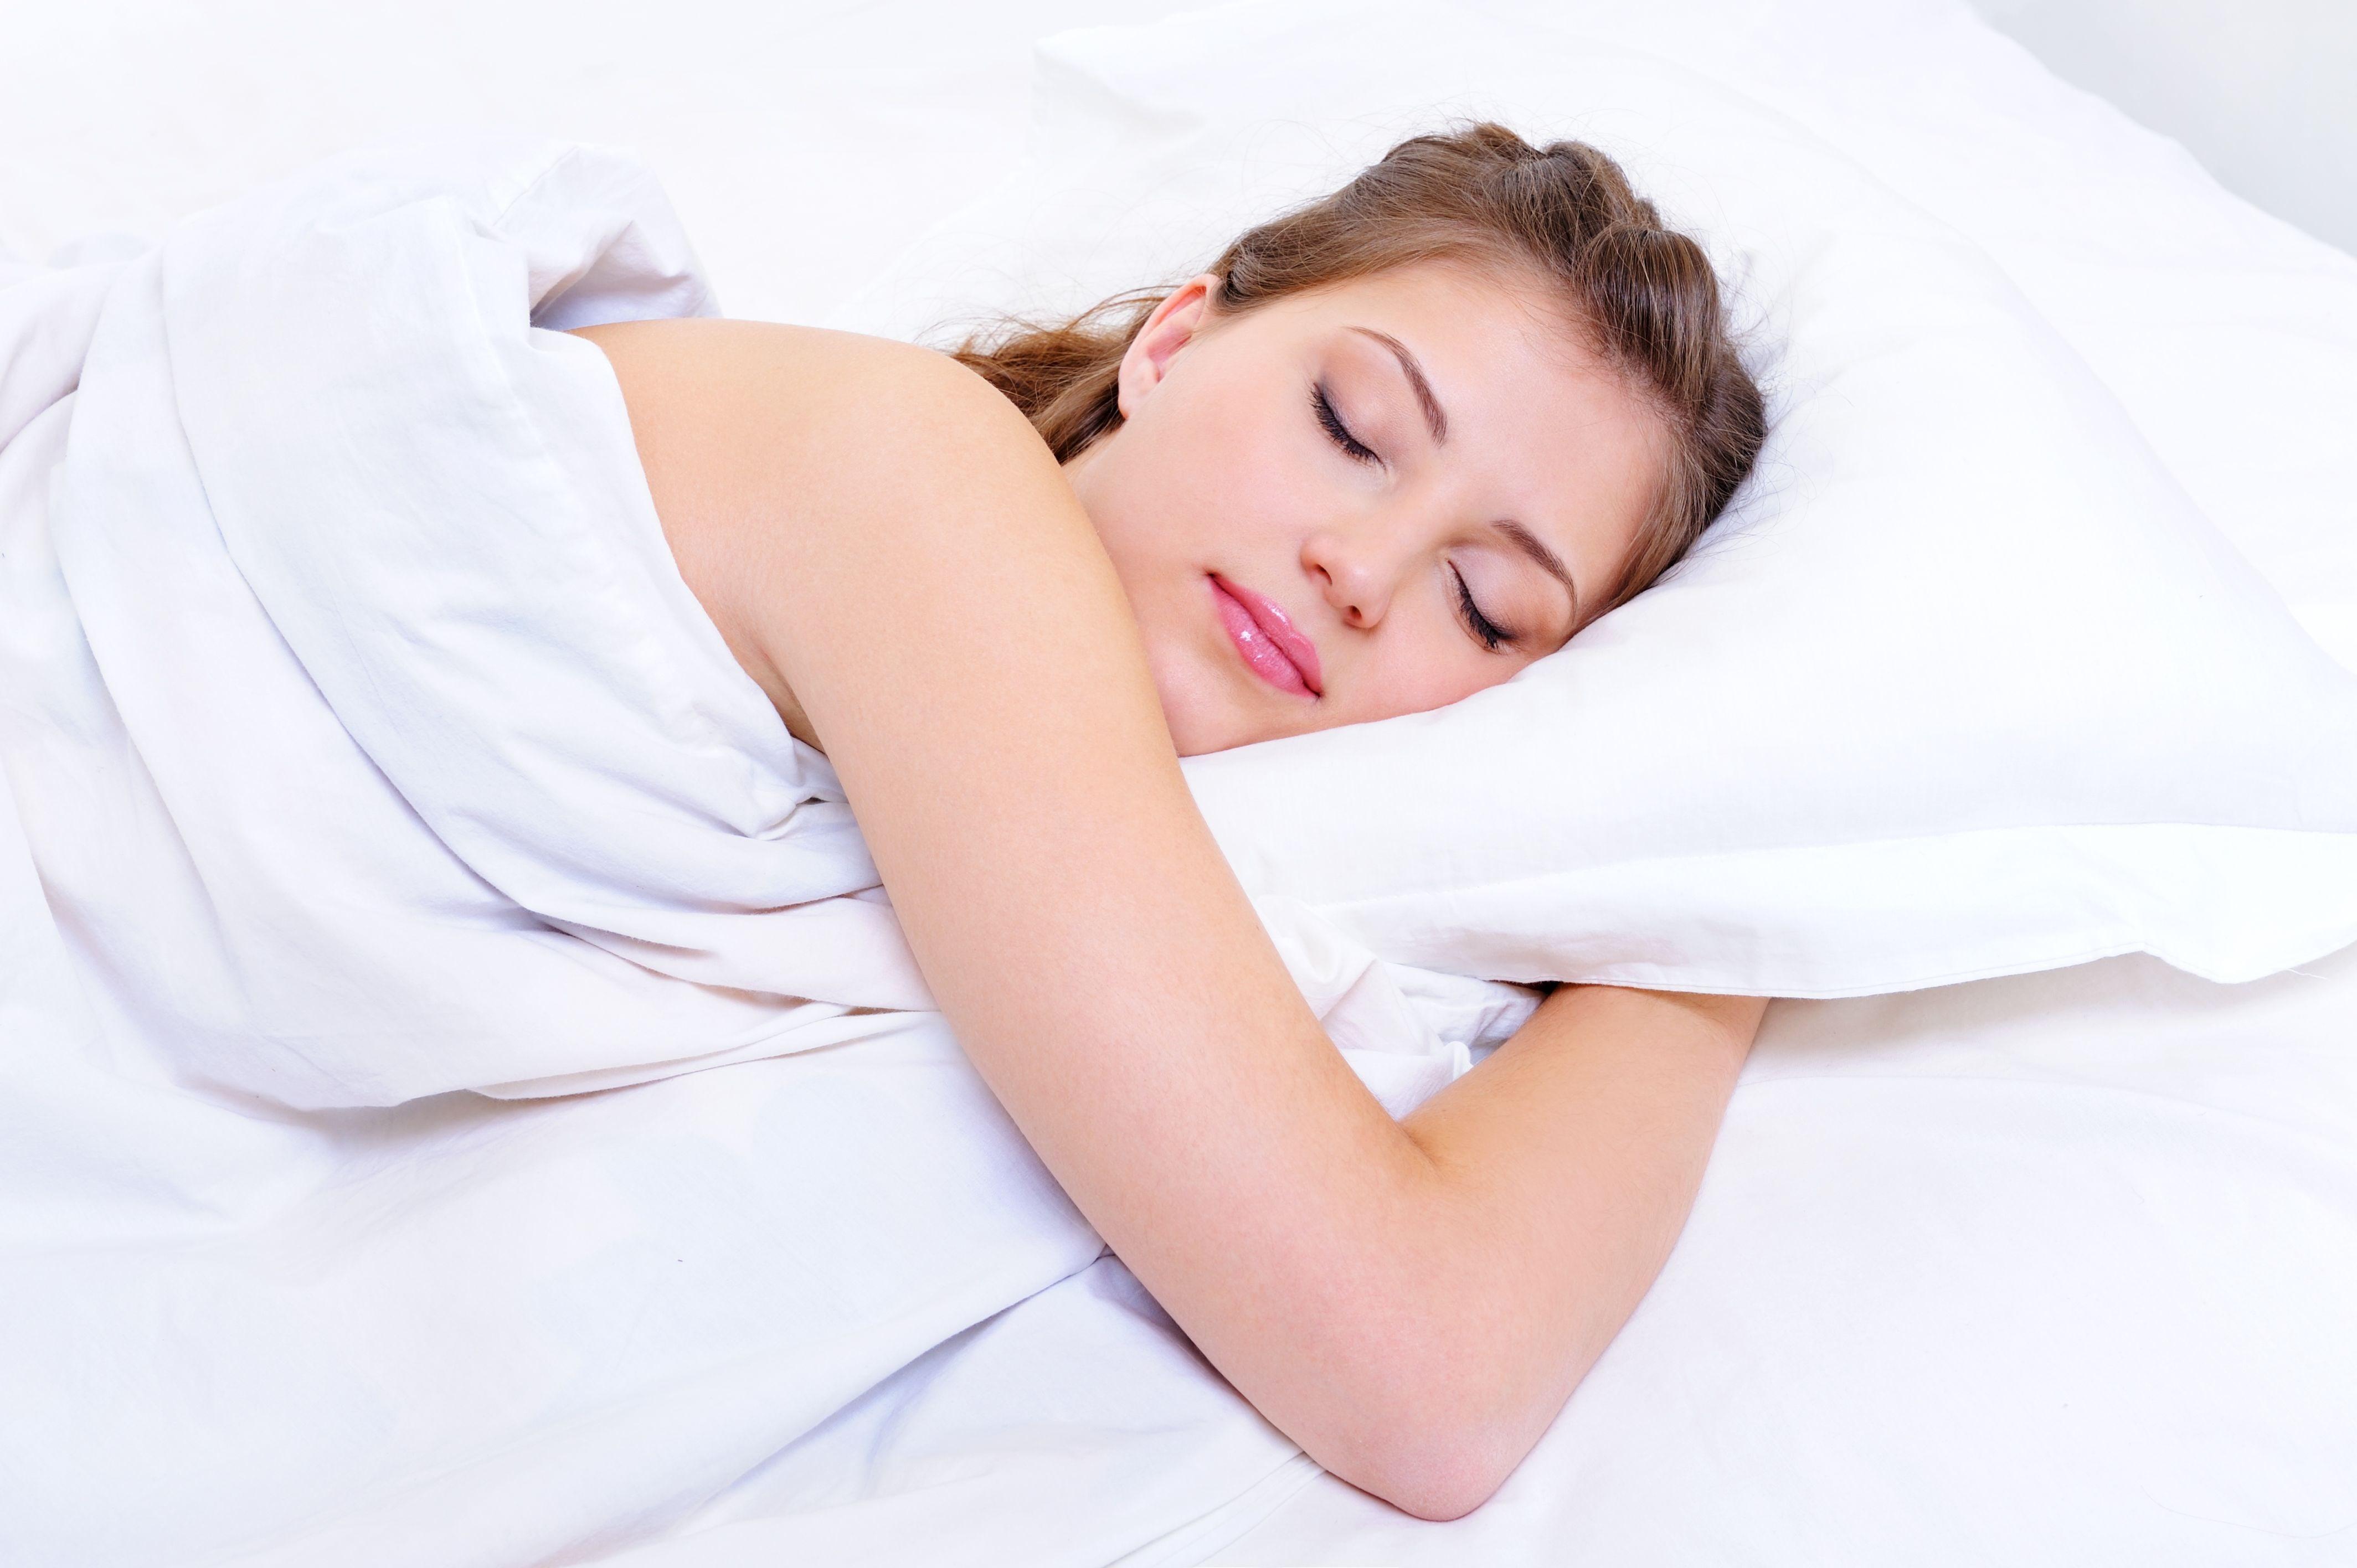 3 consejos para dormir profundamente reflexologie sante - Aromas para dormir profundamente ...